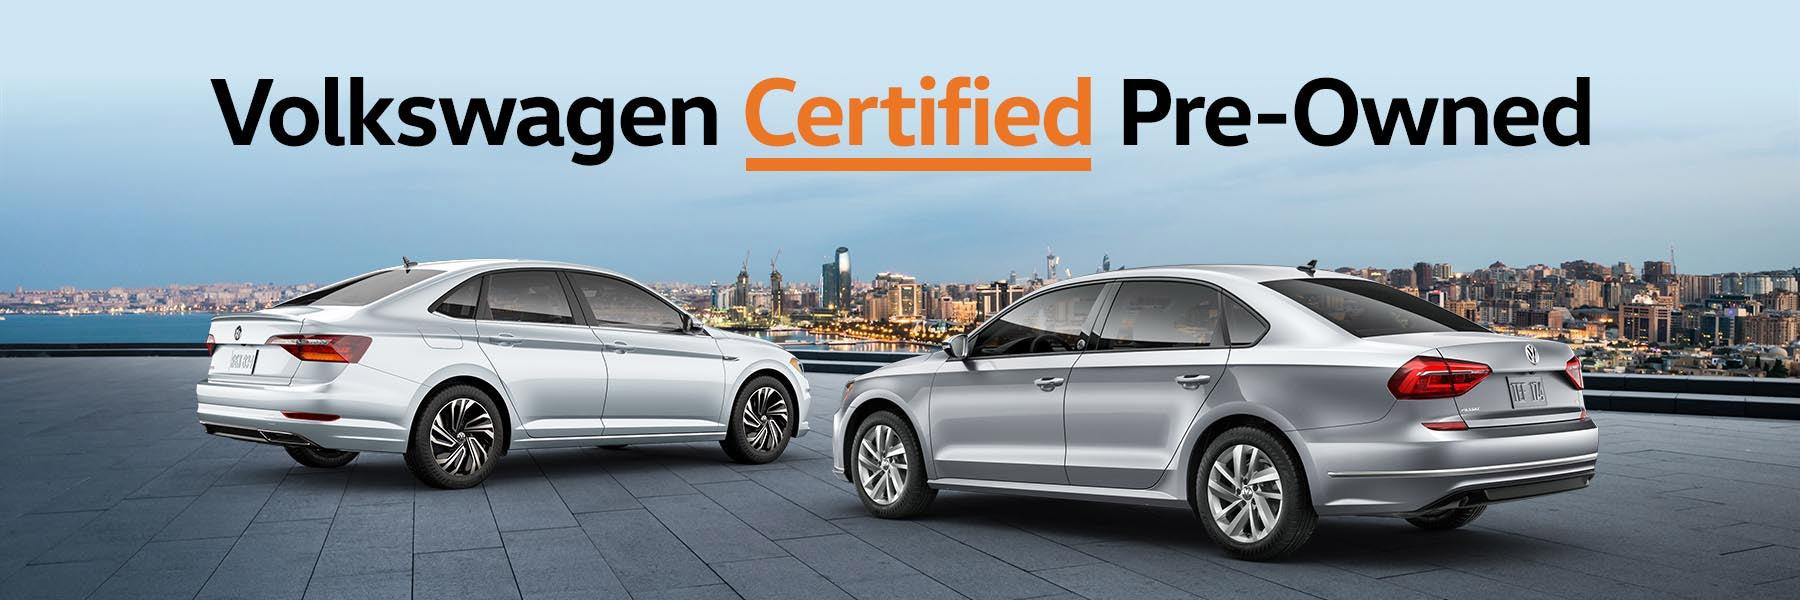 Volkswagen Certified Pre-Owned | Greeley Volkswagen in Greeley CO